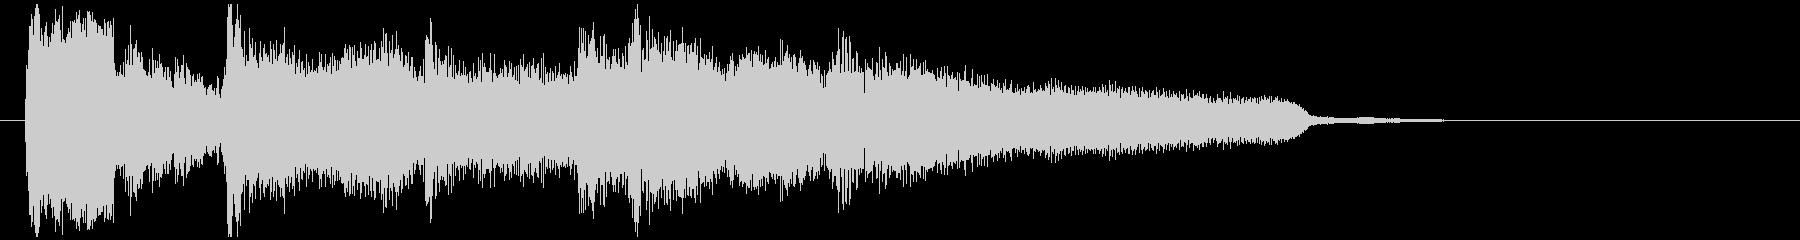 アンニュイお洒落なボサノバ系サウンドロゴの未再生の波形